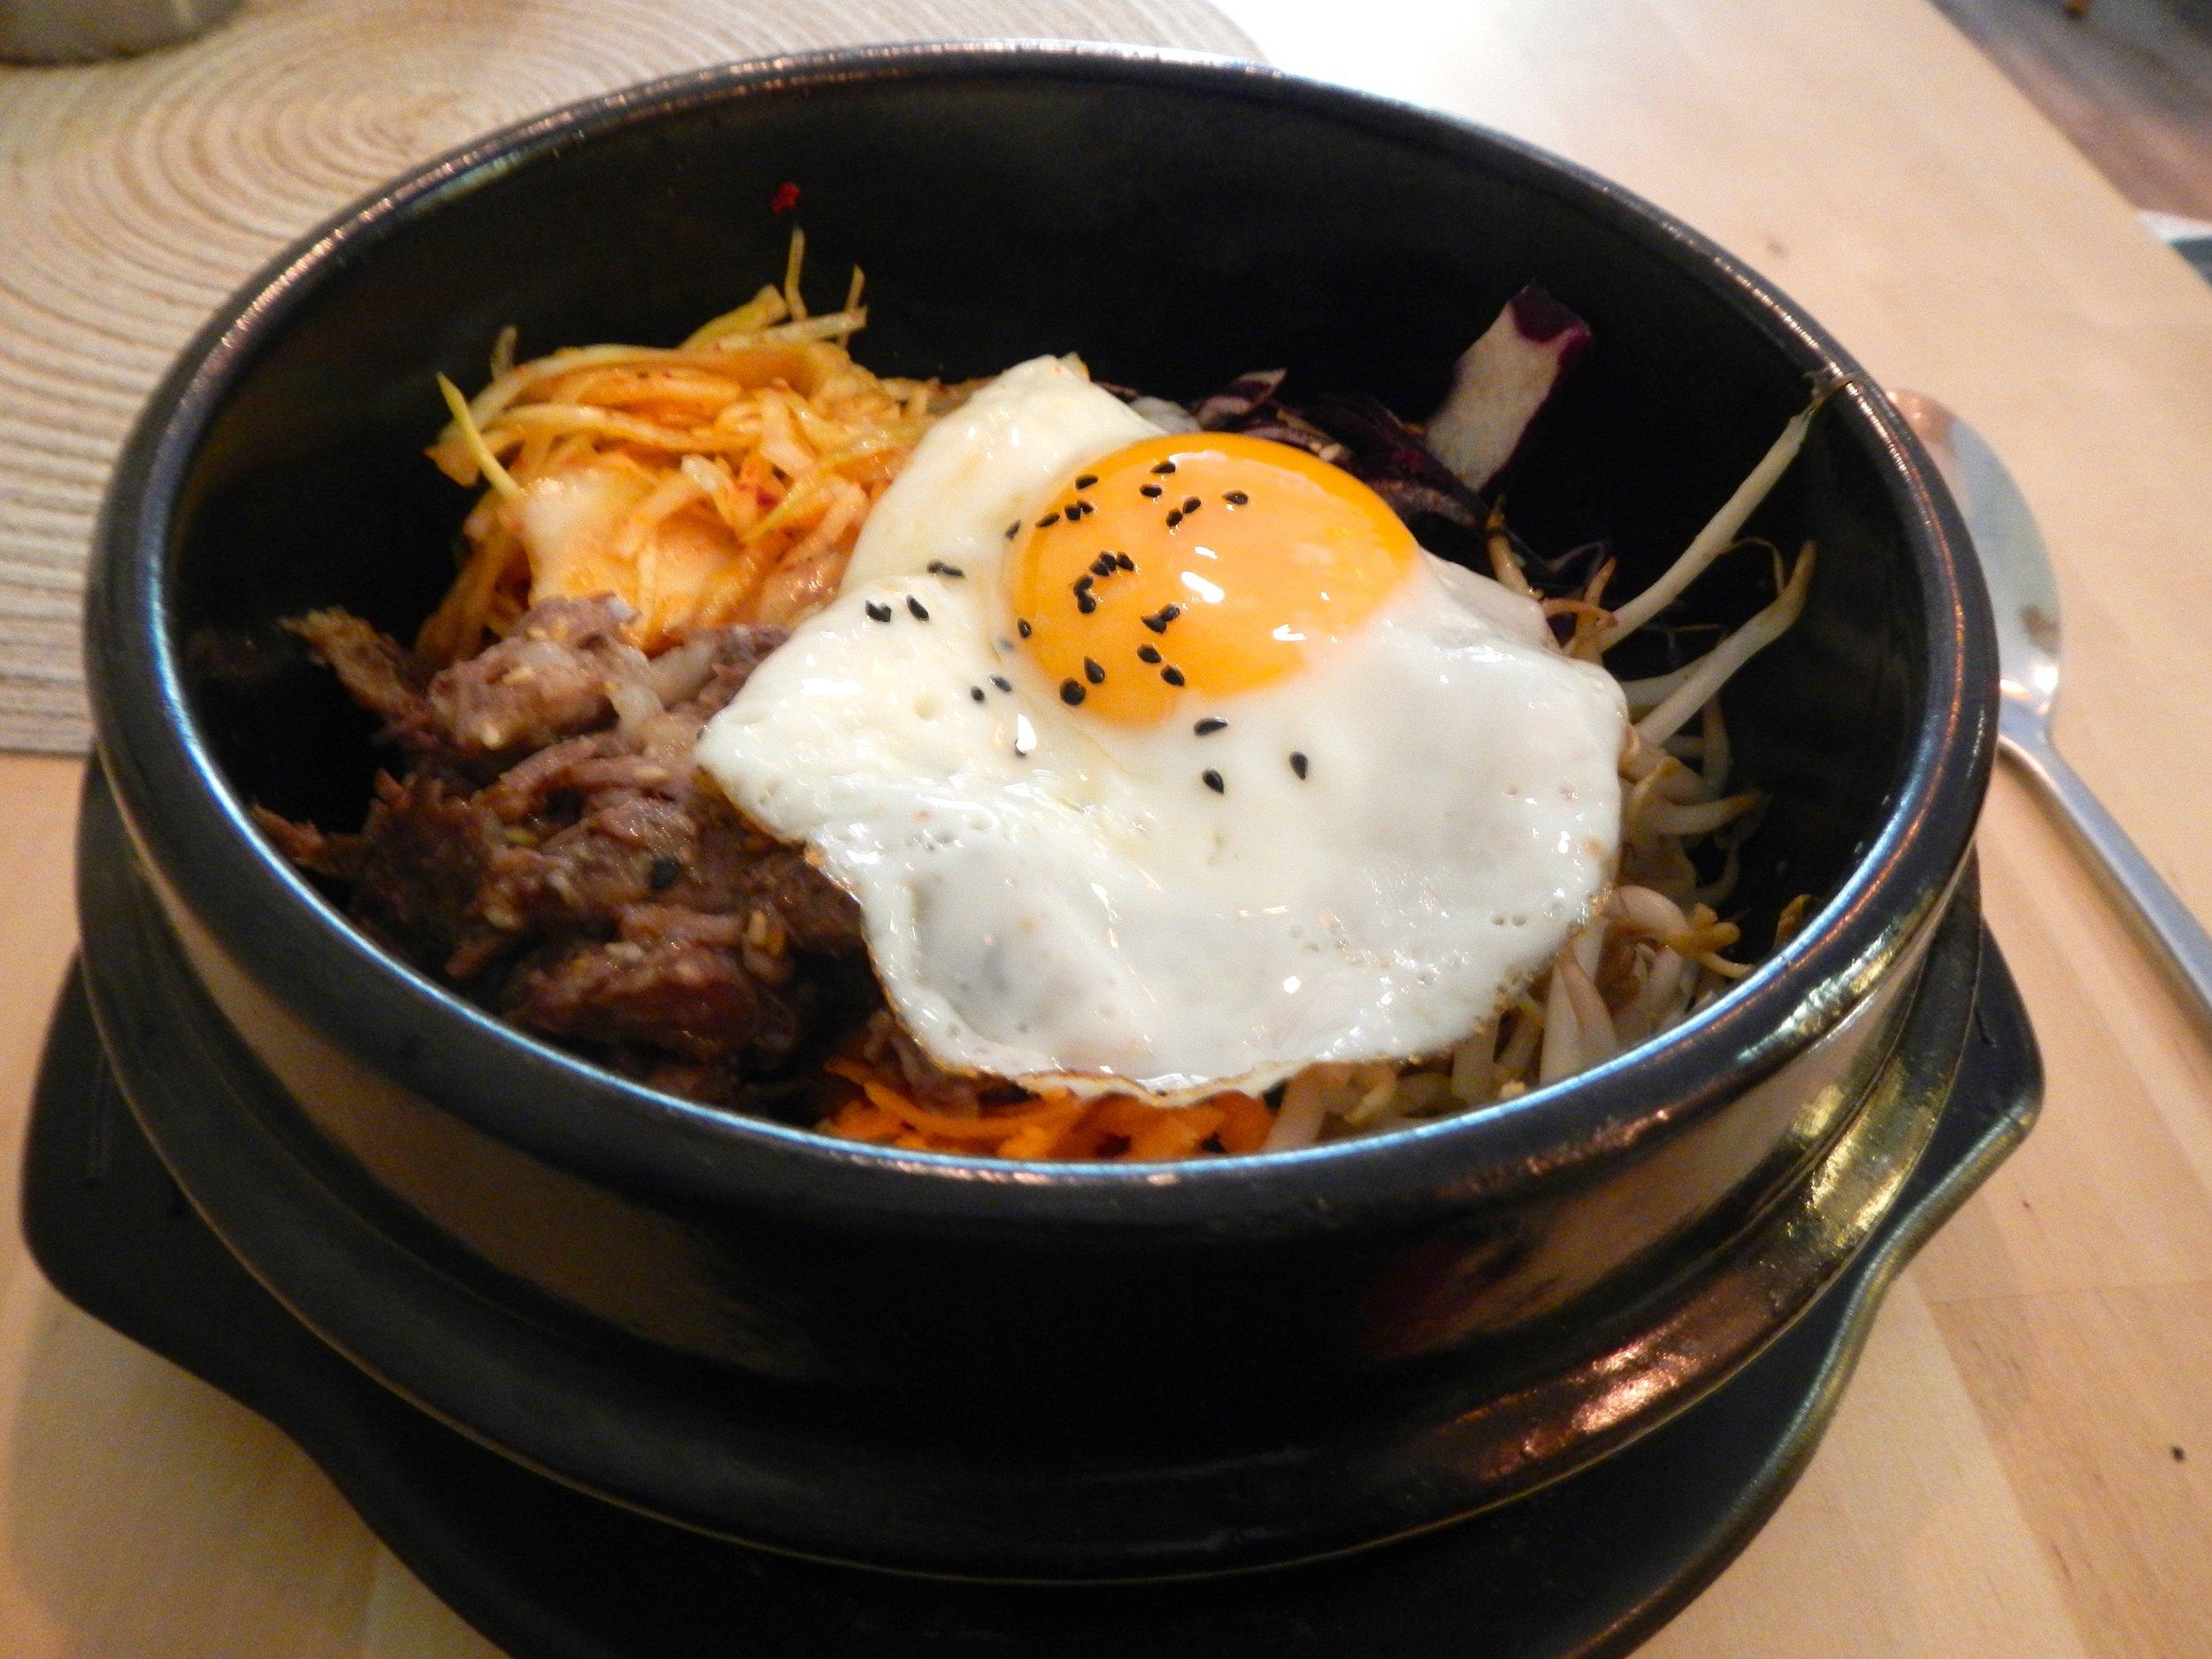 hoiberlin-koreanfoodstories-4.JPG